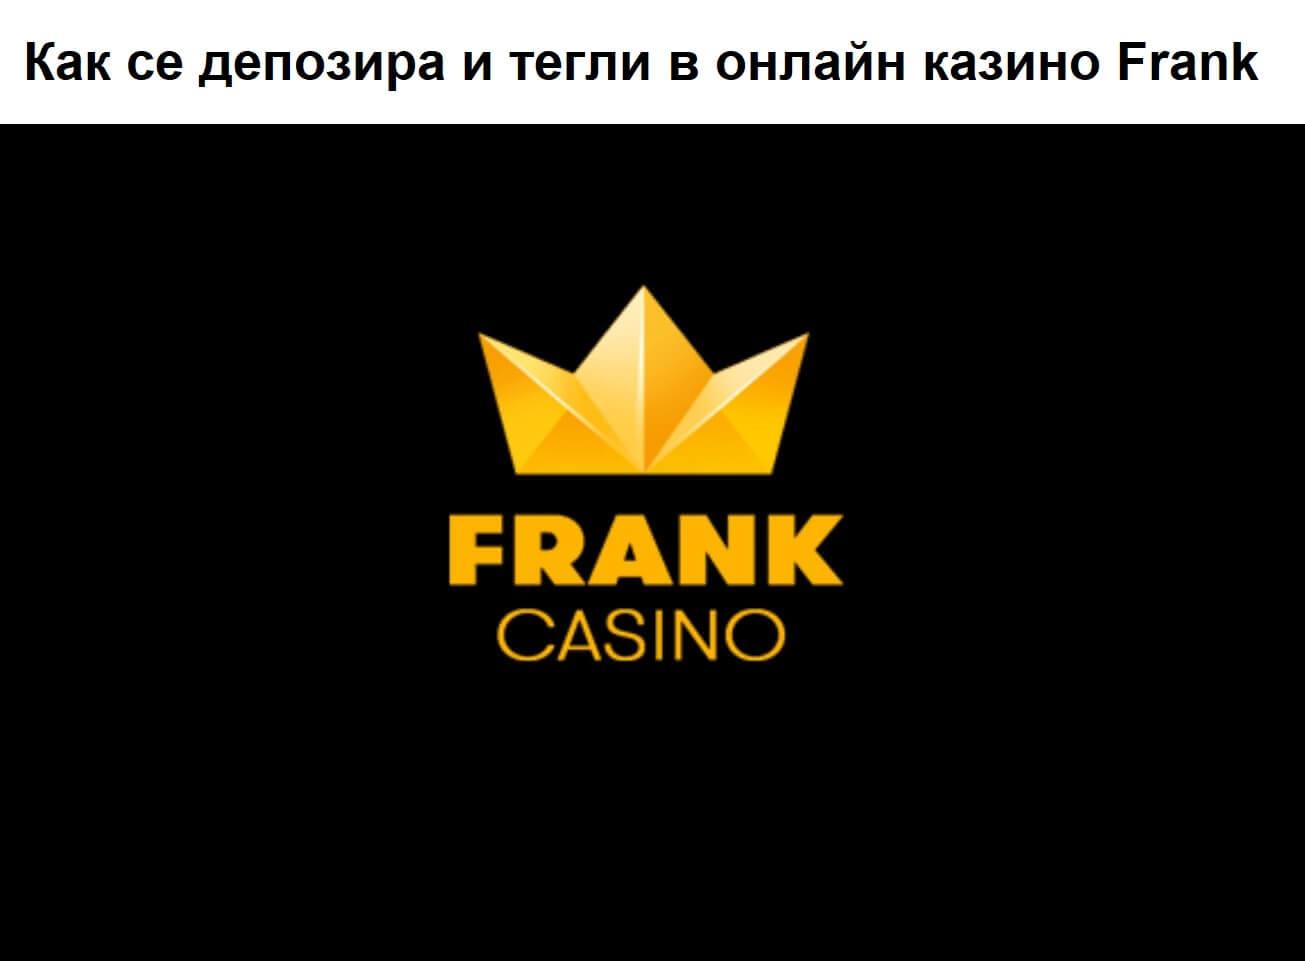 Франк казино депозит и теглене на пари